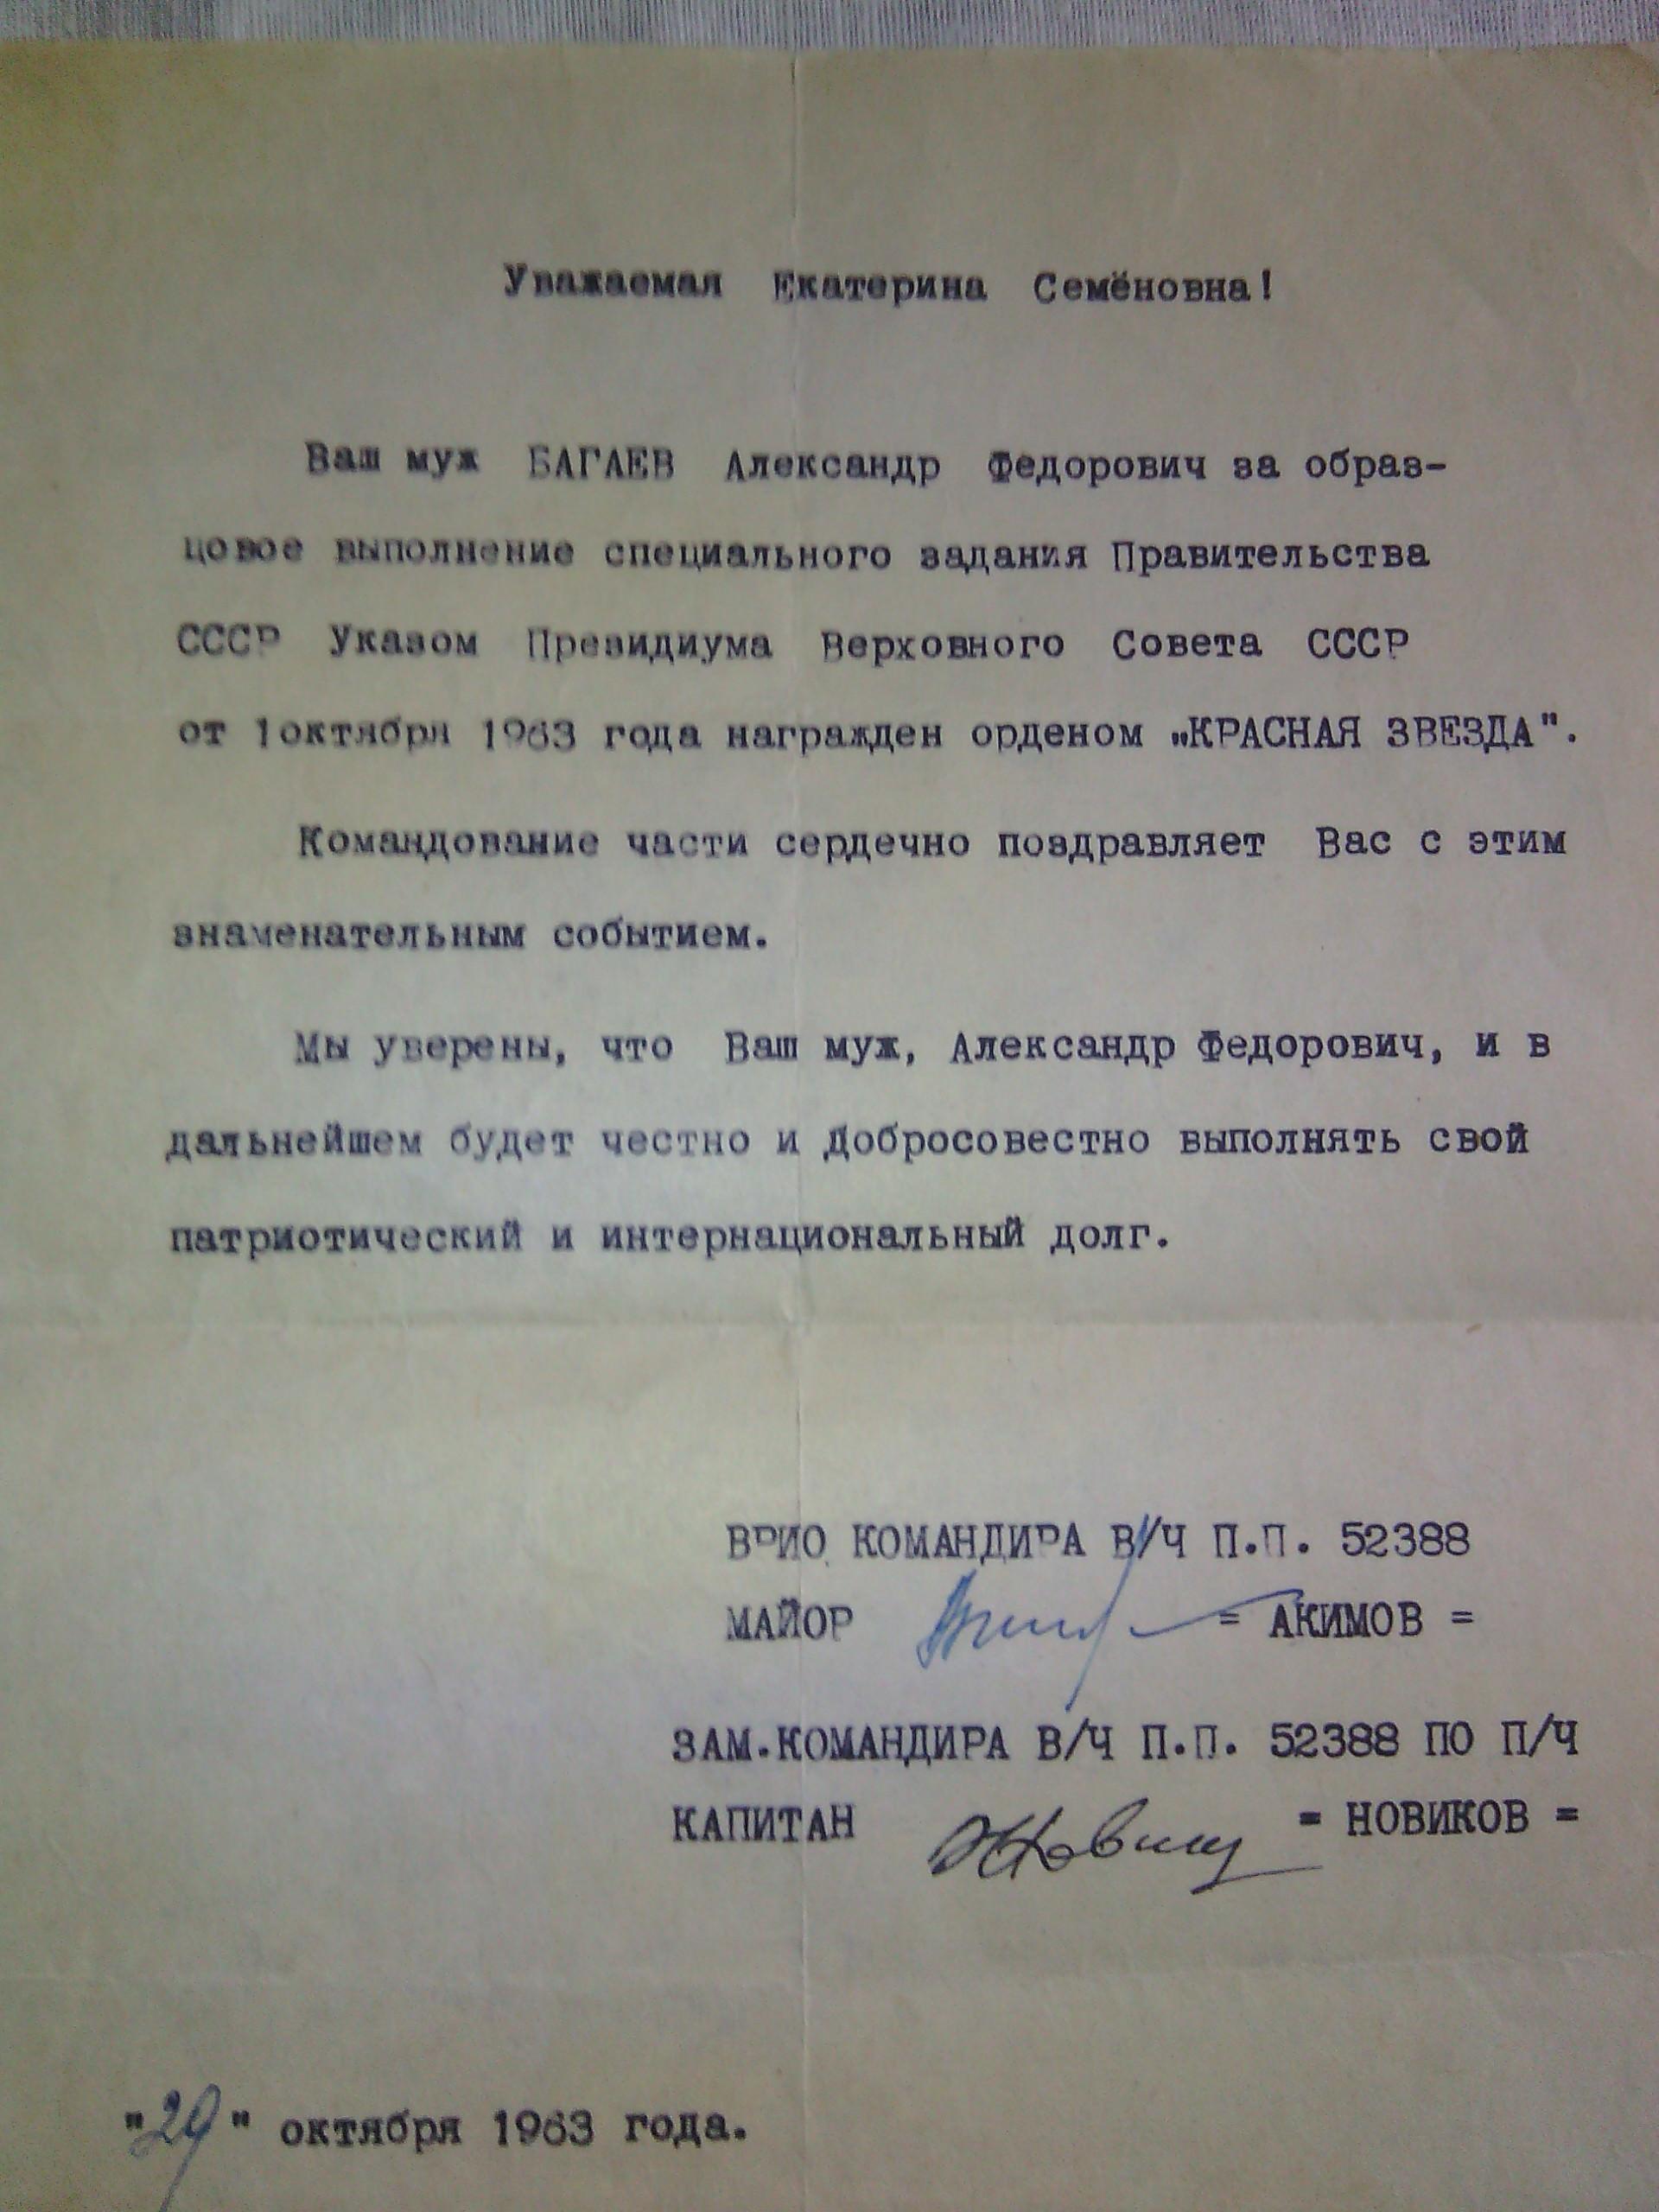 1963-10-29. Письмо о награждении орденом «Красная Звезда».